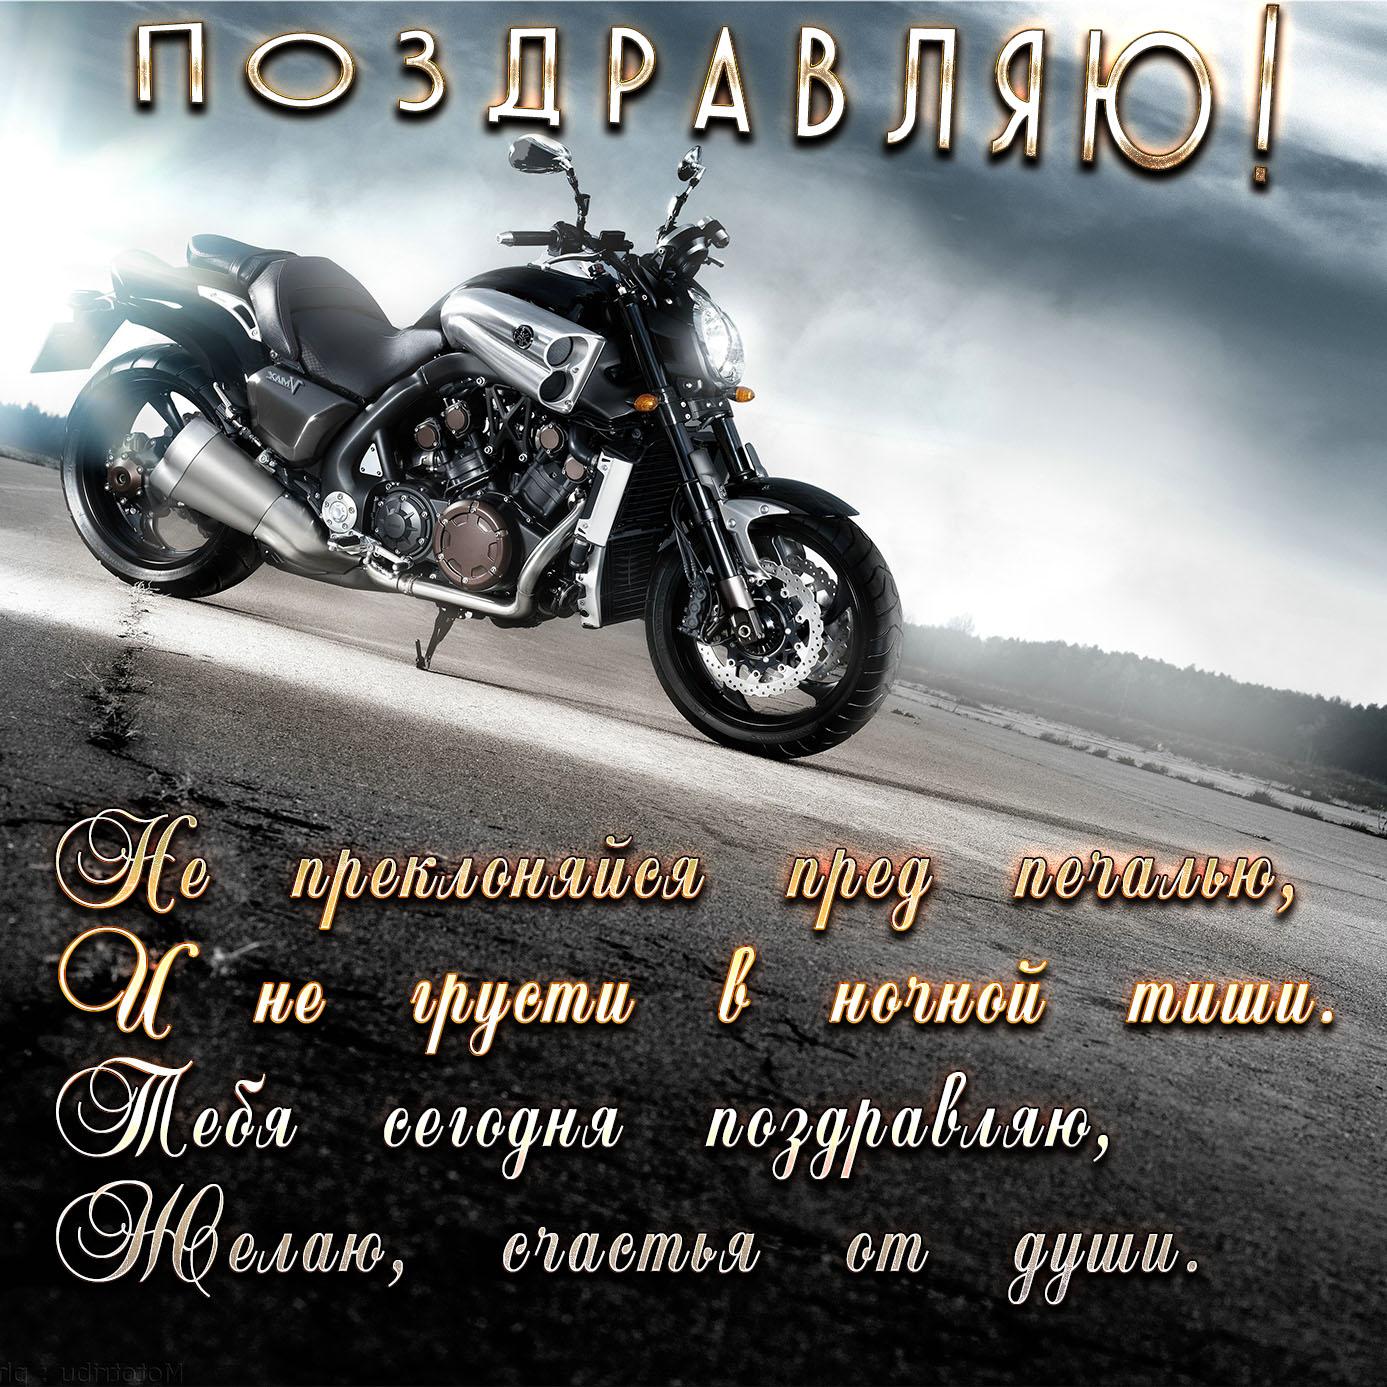 Поздравления на день мотоциклиста фото 413